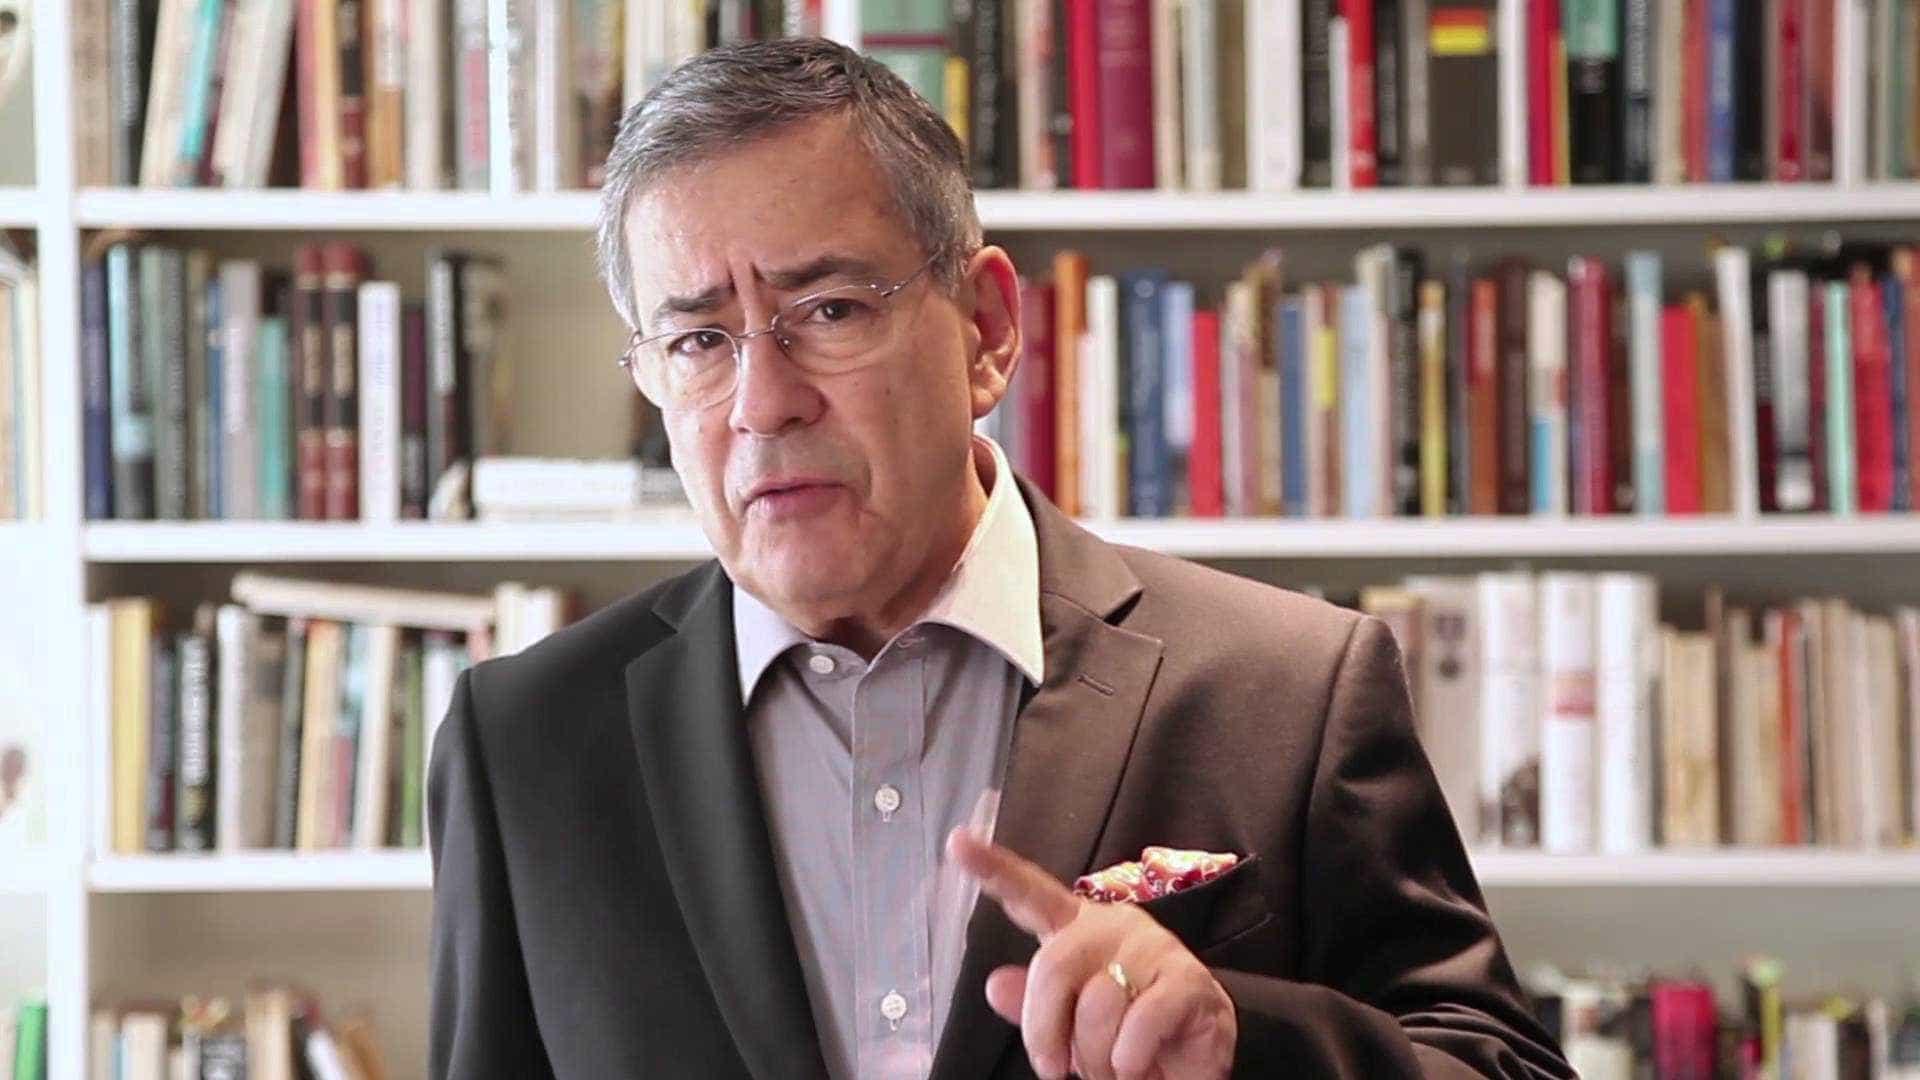 Paulo Henrique Amorim debocha do 'JN' e xinga a família Marinho